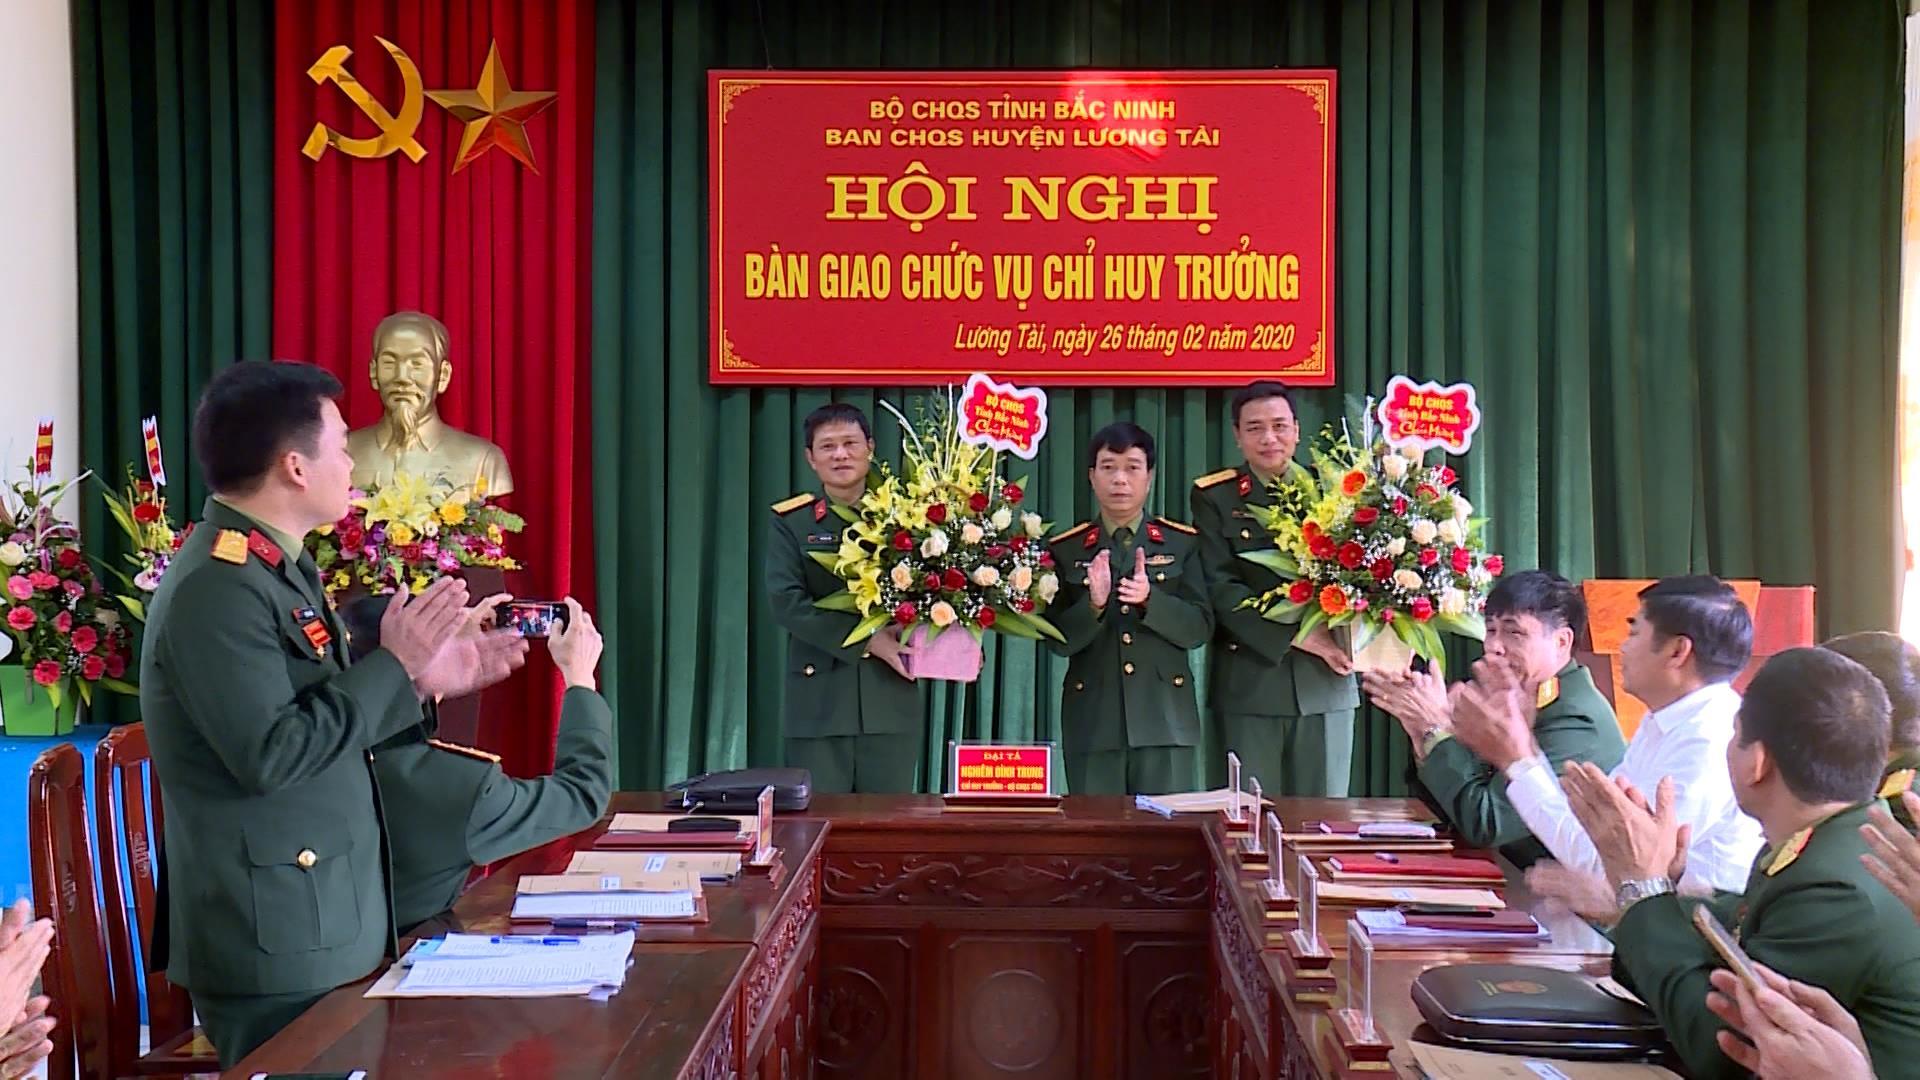 Bàn giao chức vụ Chỉ huy trưởng Ban CHQS huyện Lương Tài